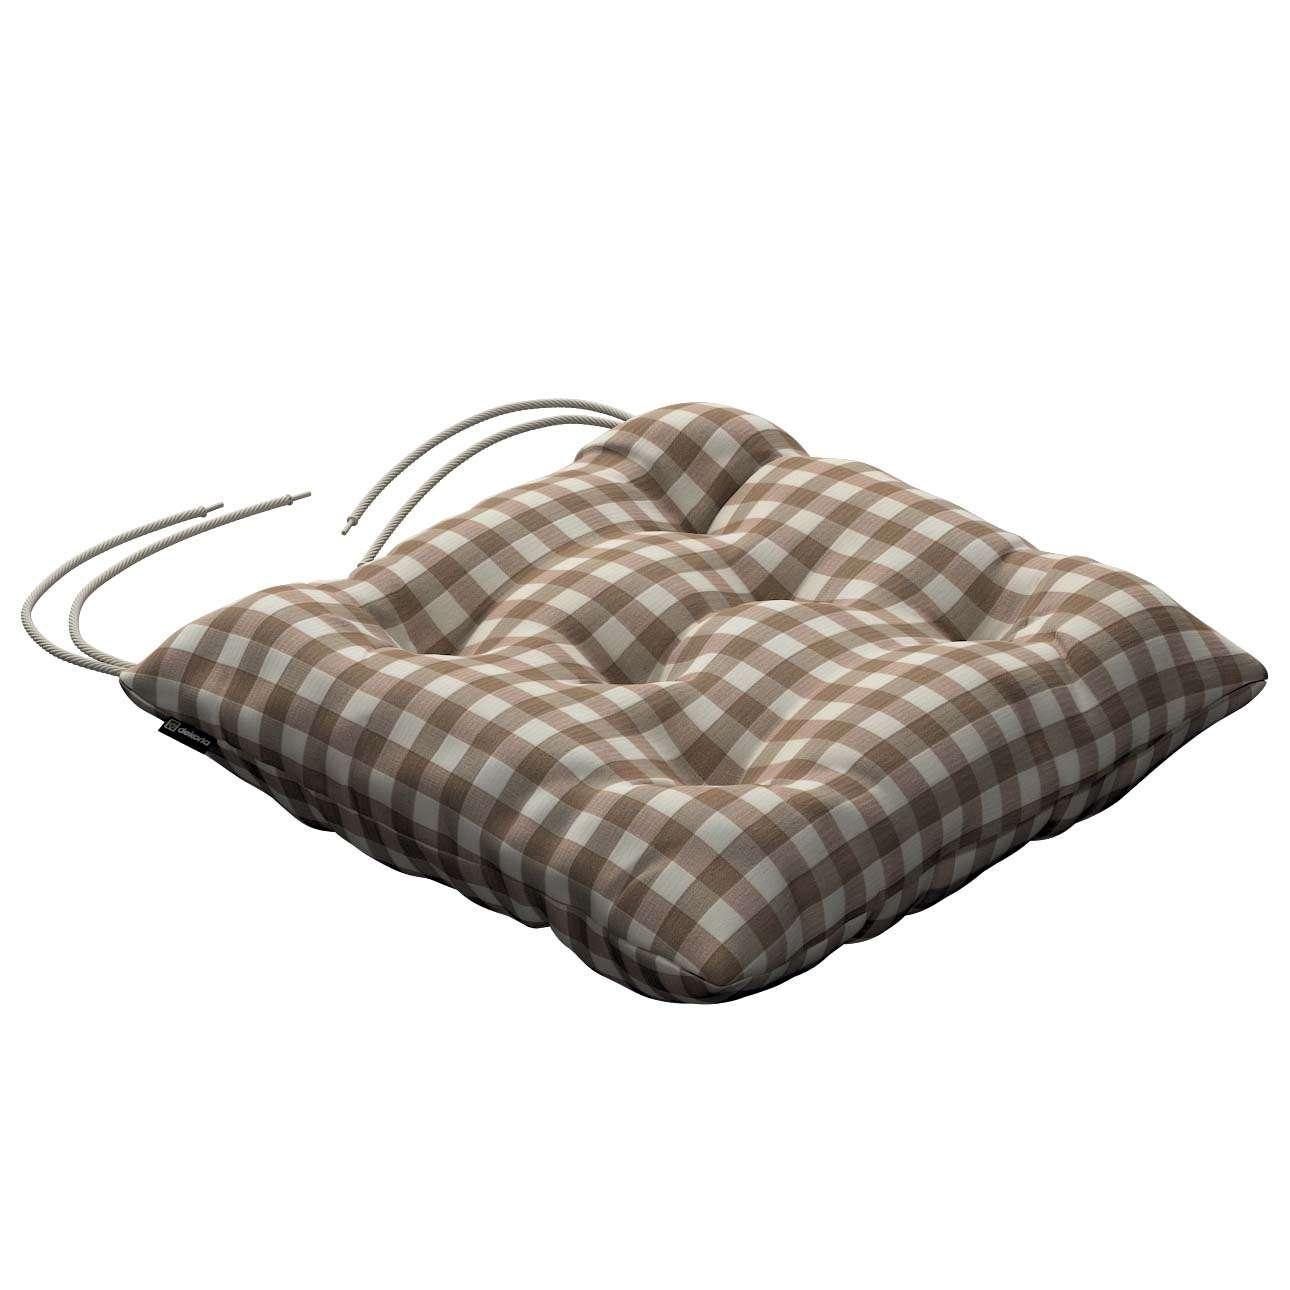 Siedzisko Jacek na krzesło 40x40x8cm w kolekcji Quadro, tkanina: 136-06